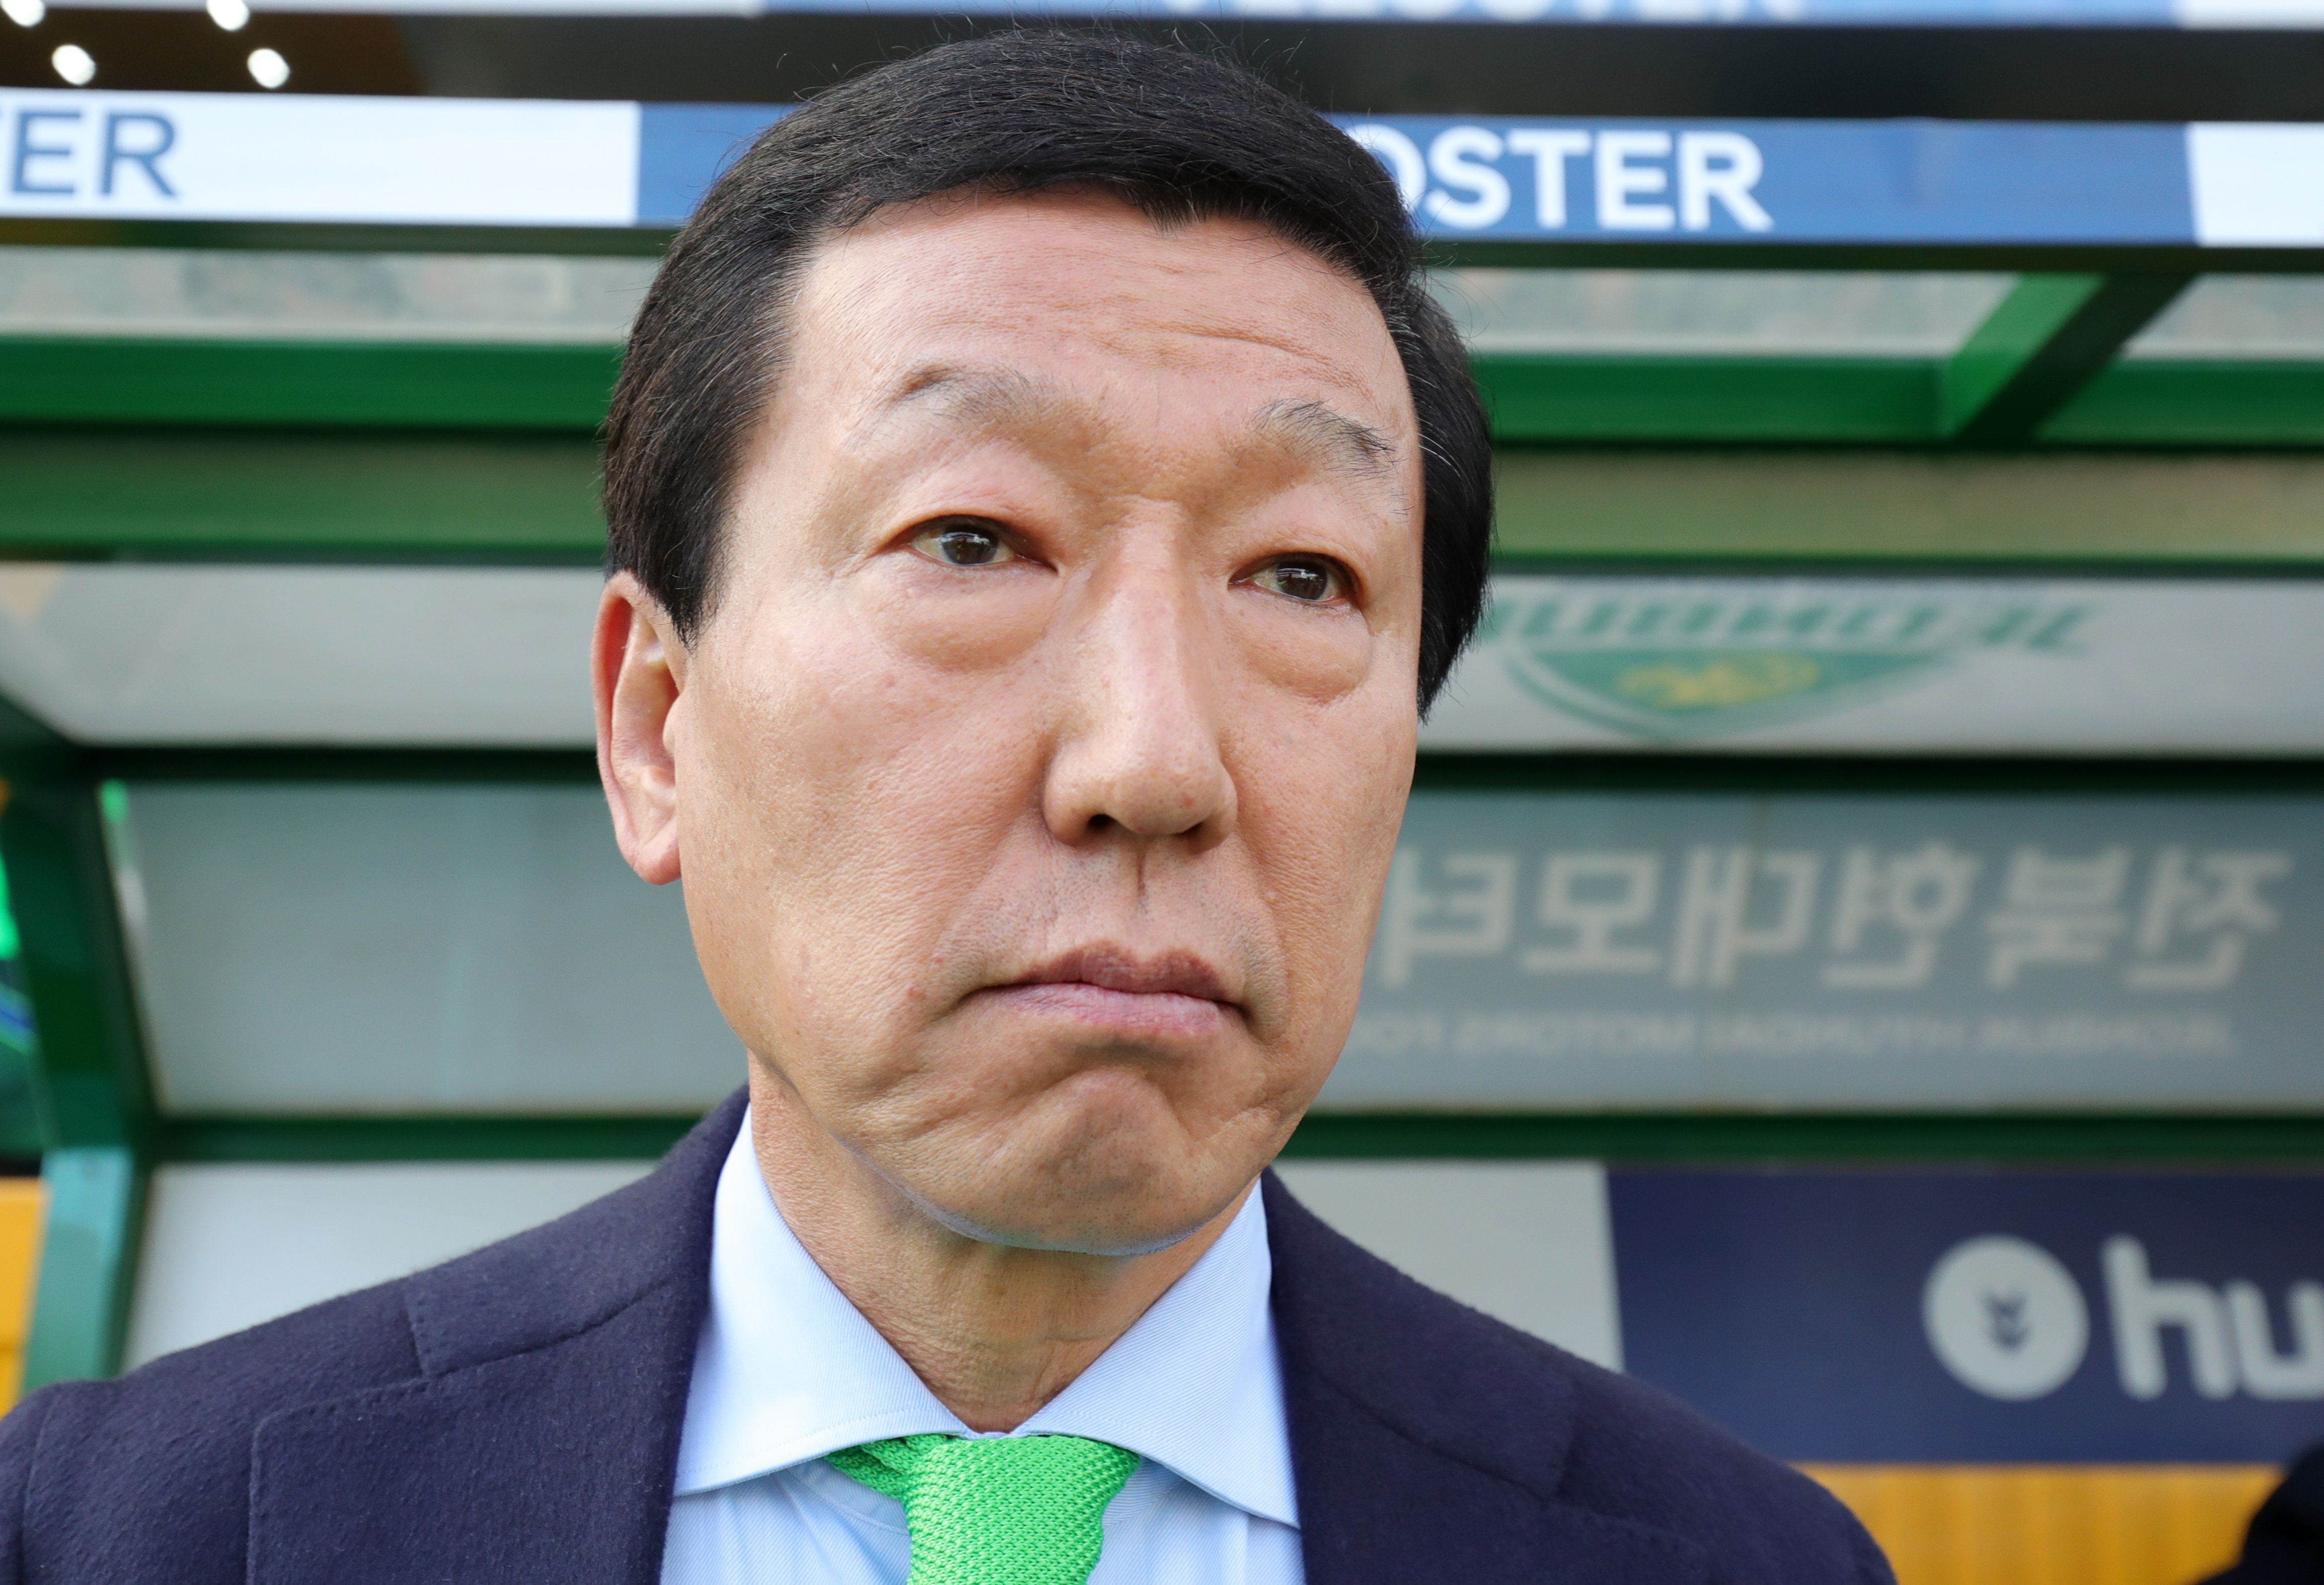 결국 최강희 감독이 톈진을 떠났다. 그러나 중국을 떠나진 않을 것